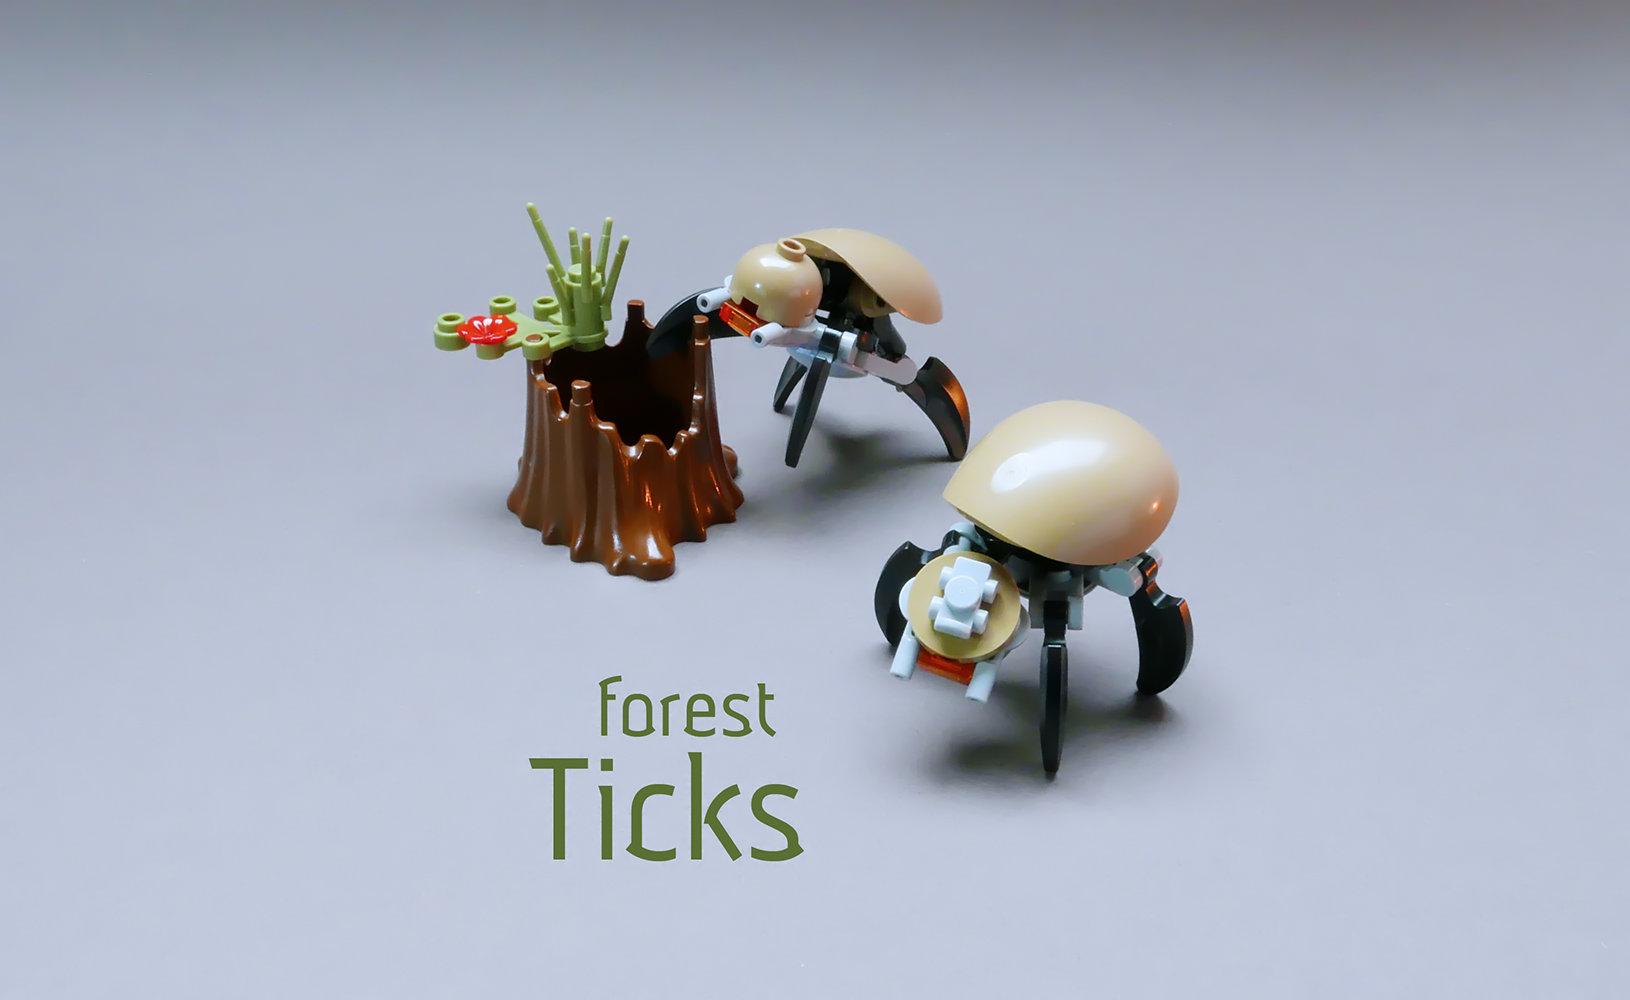 Quelle: flickr - GolPlaysWithLego - Forest Ticks